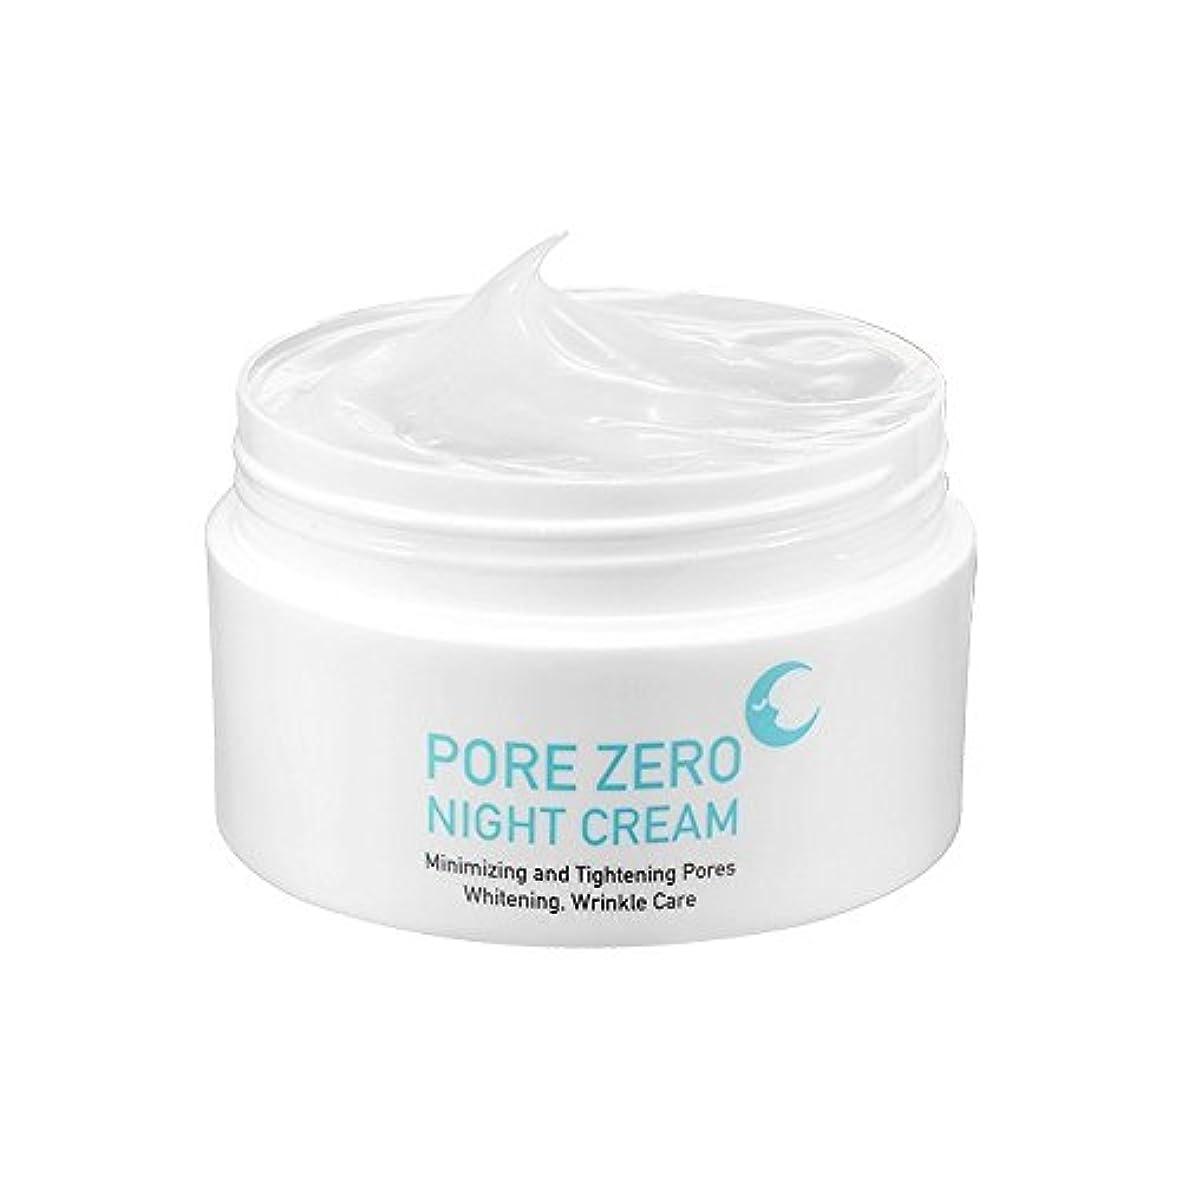 社交的印をつける雨のスキンミソ(SKINMISO) Pore Zero Night Cream